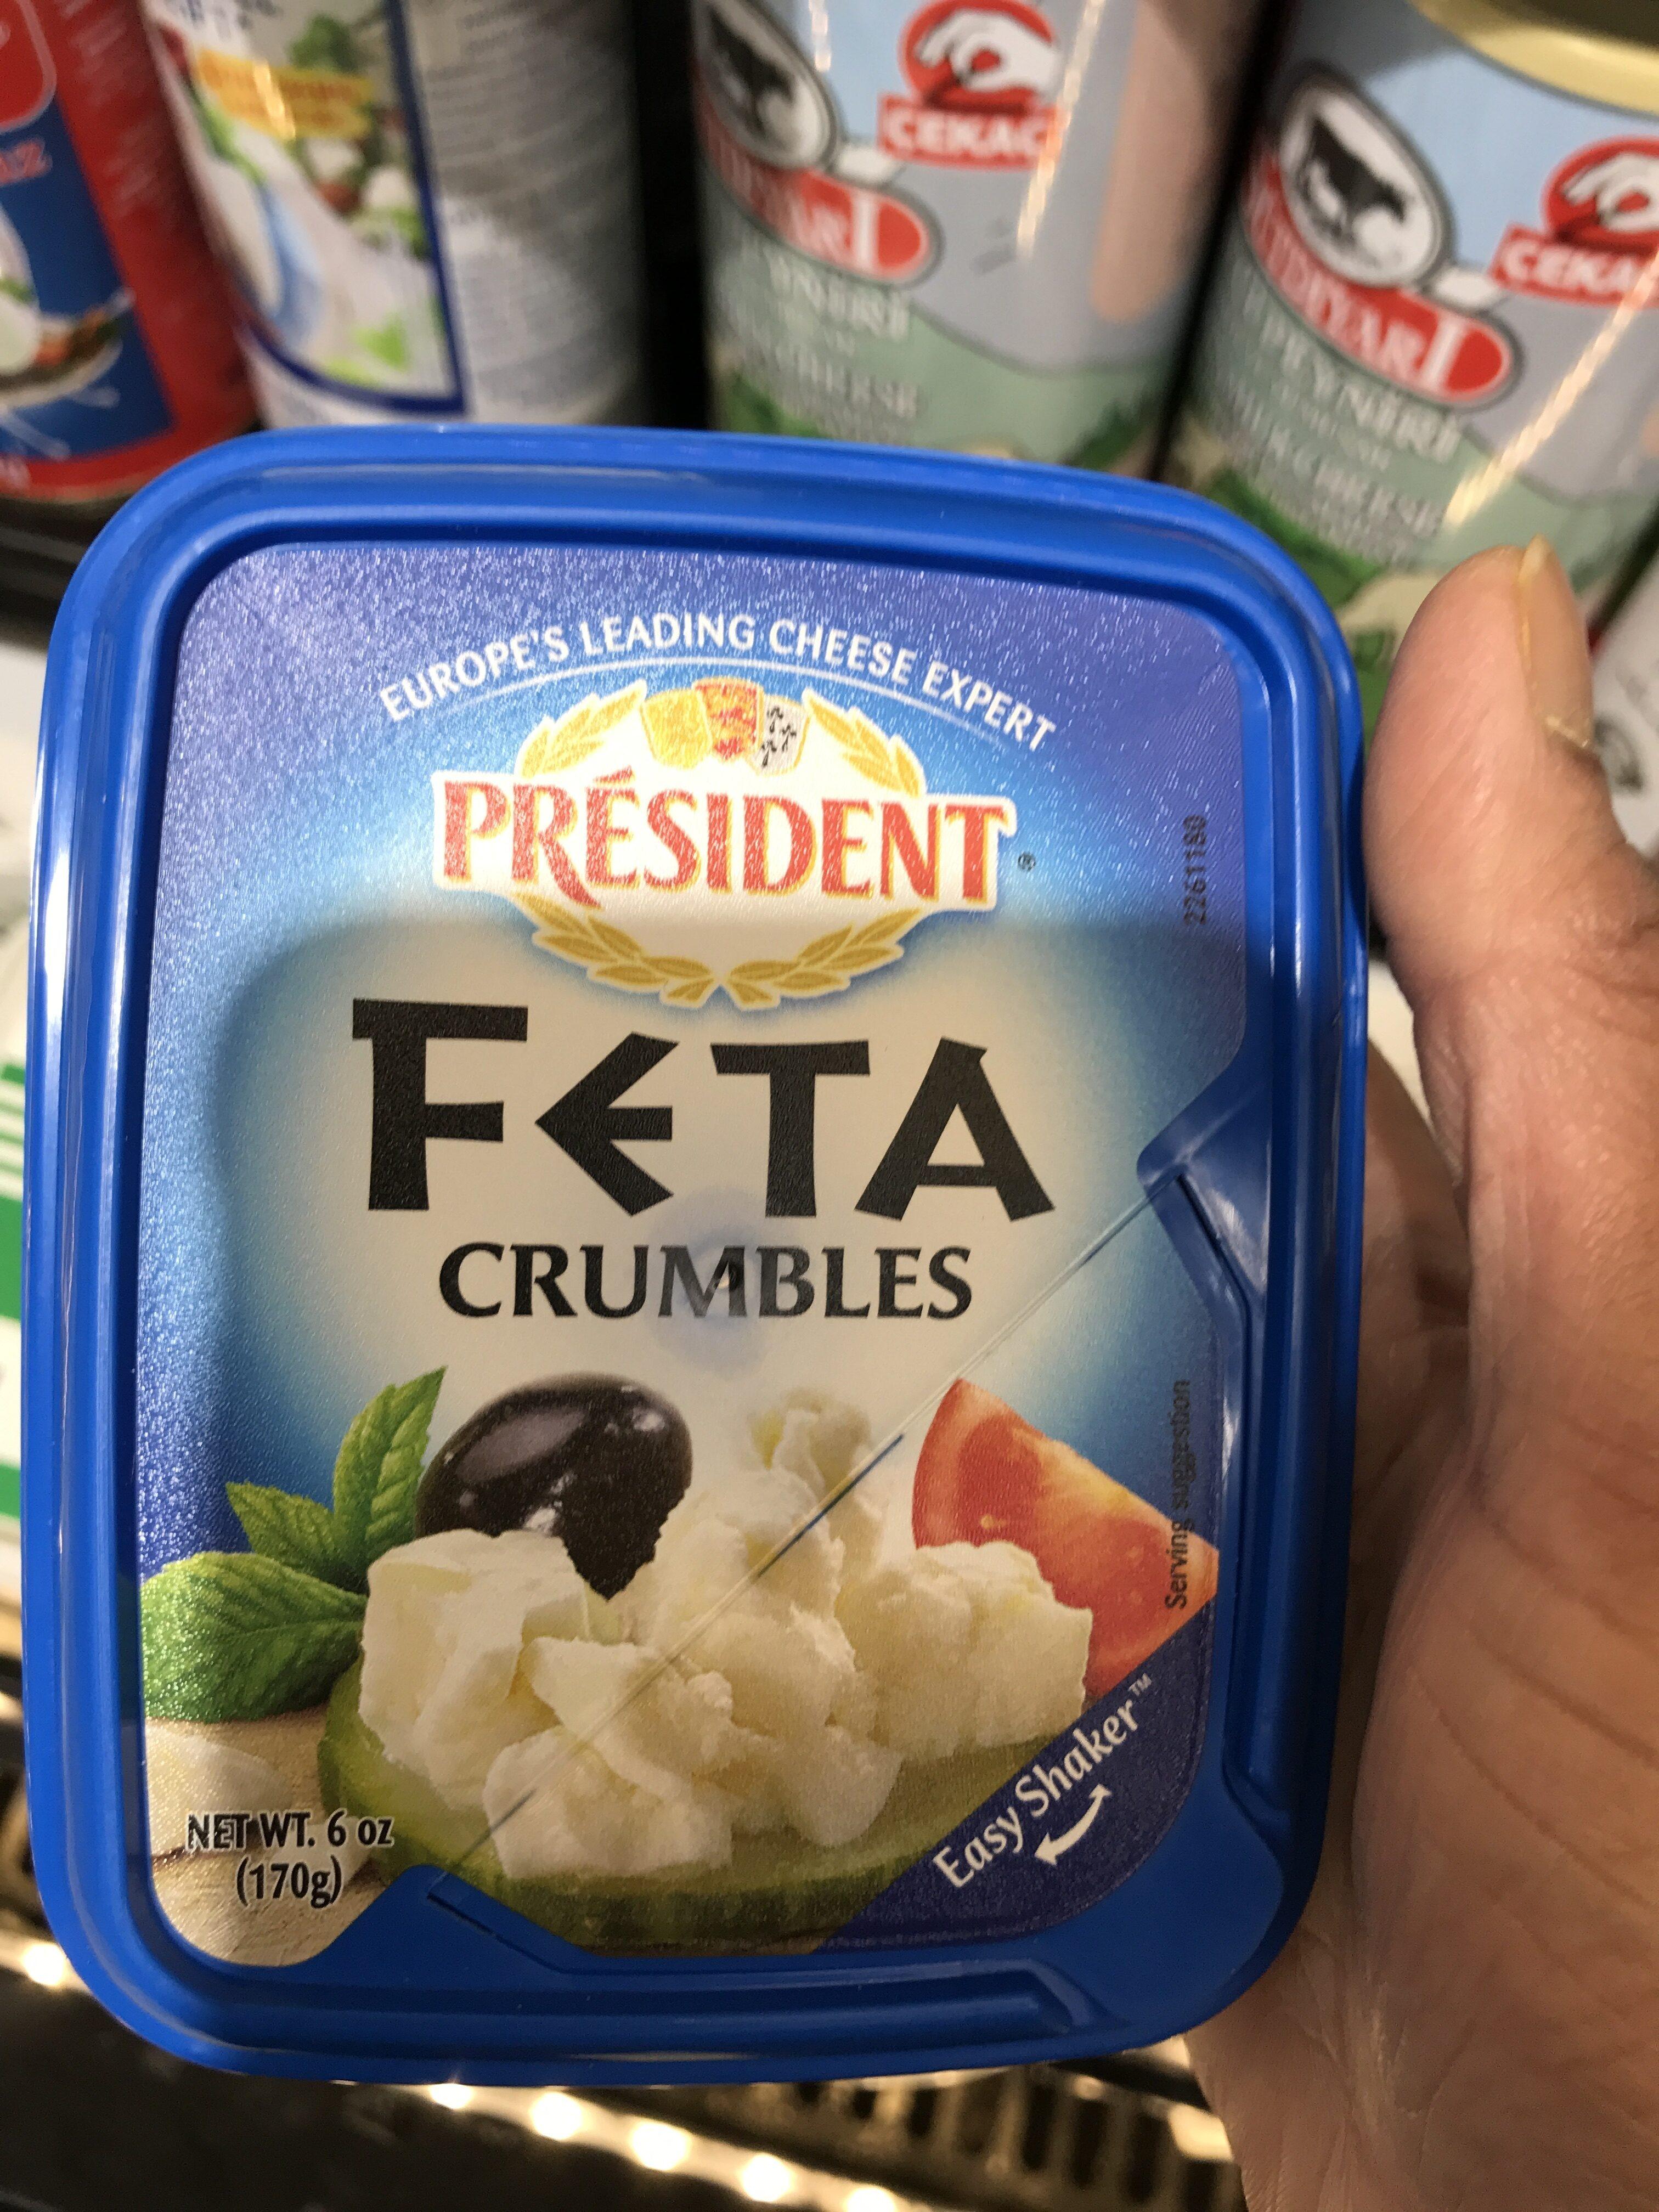 Crumbled Feta Cheese - Produit - en